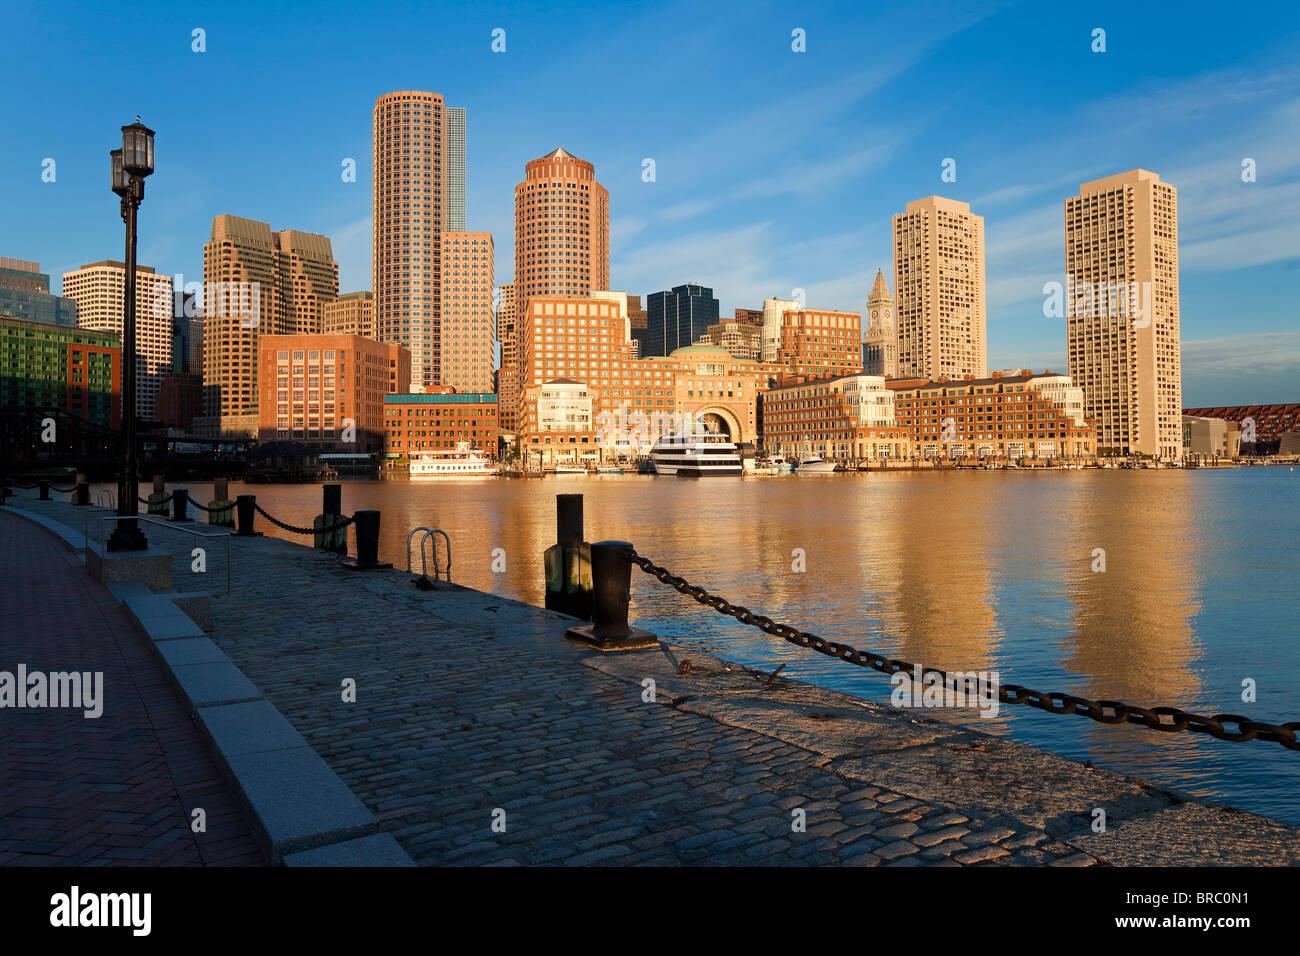 Ciudad y puerto interior incluyendo al amanecer Rowes Wharf, Boston, Massachusetts, Nueva Inglaterra, EE.UU. Imagen De Stock